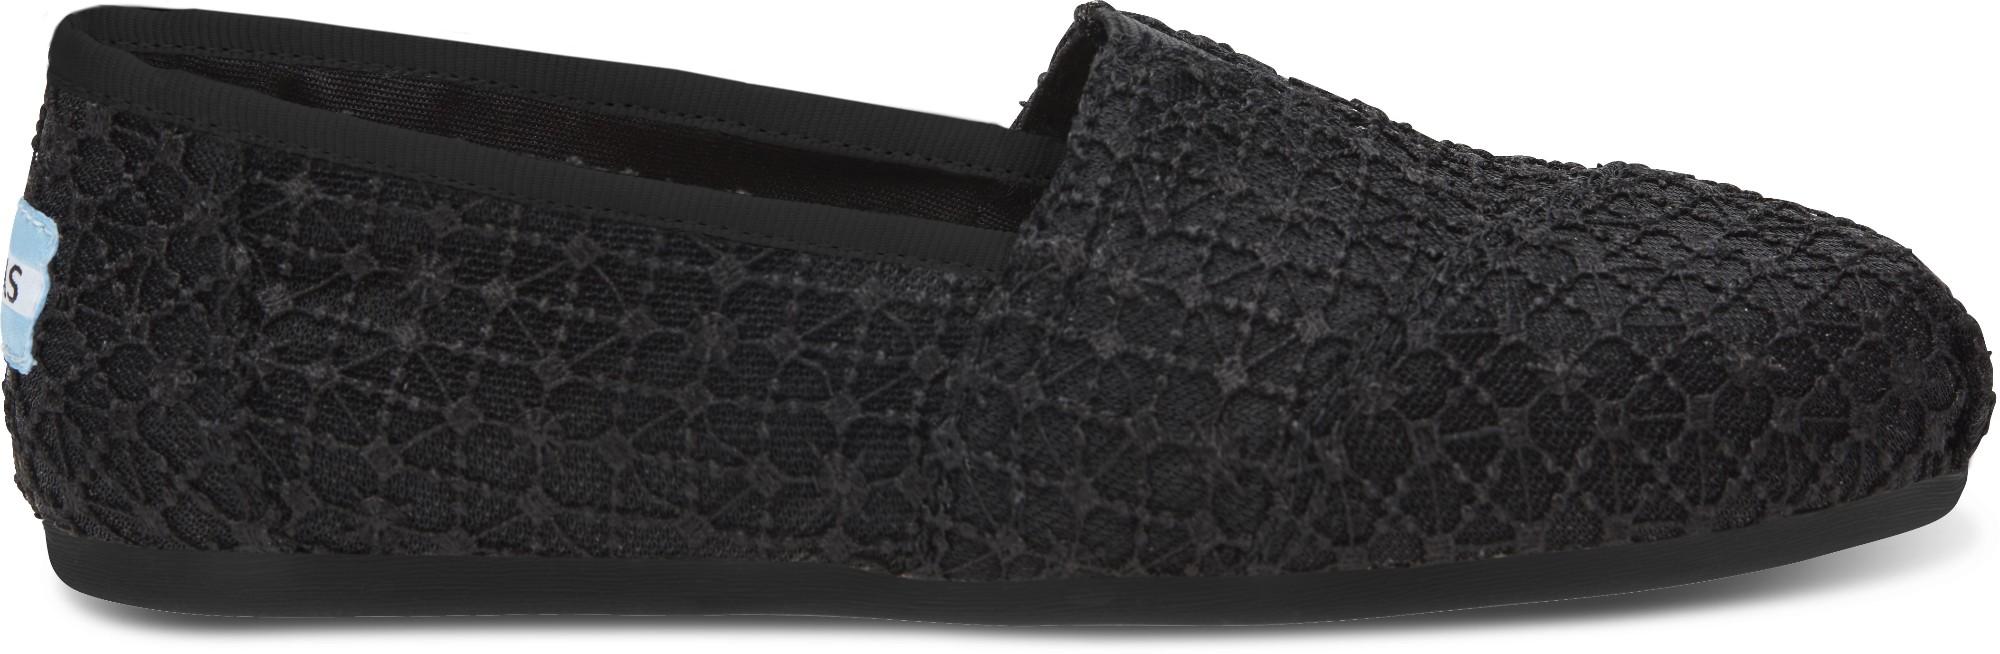 TOMS Crochet Lace Women's Alpargata Black 40